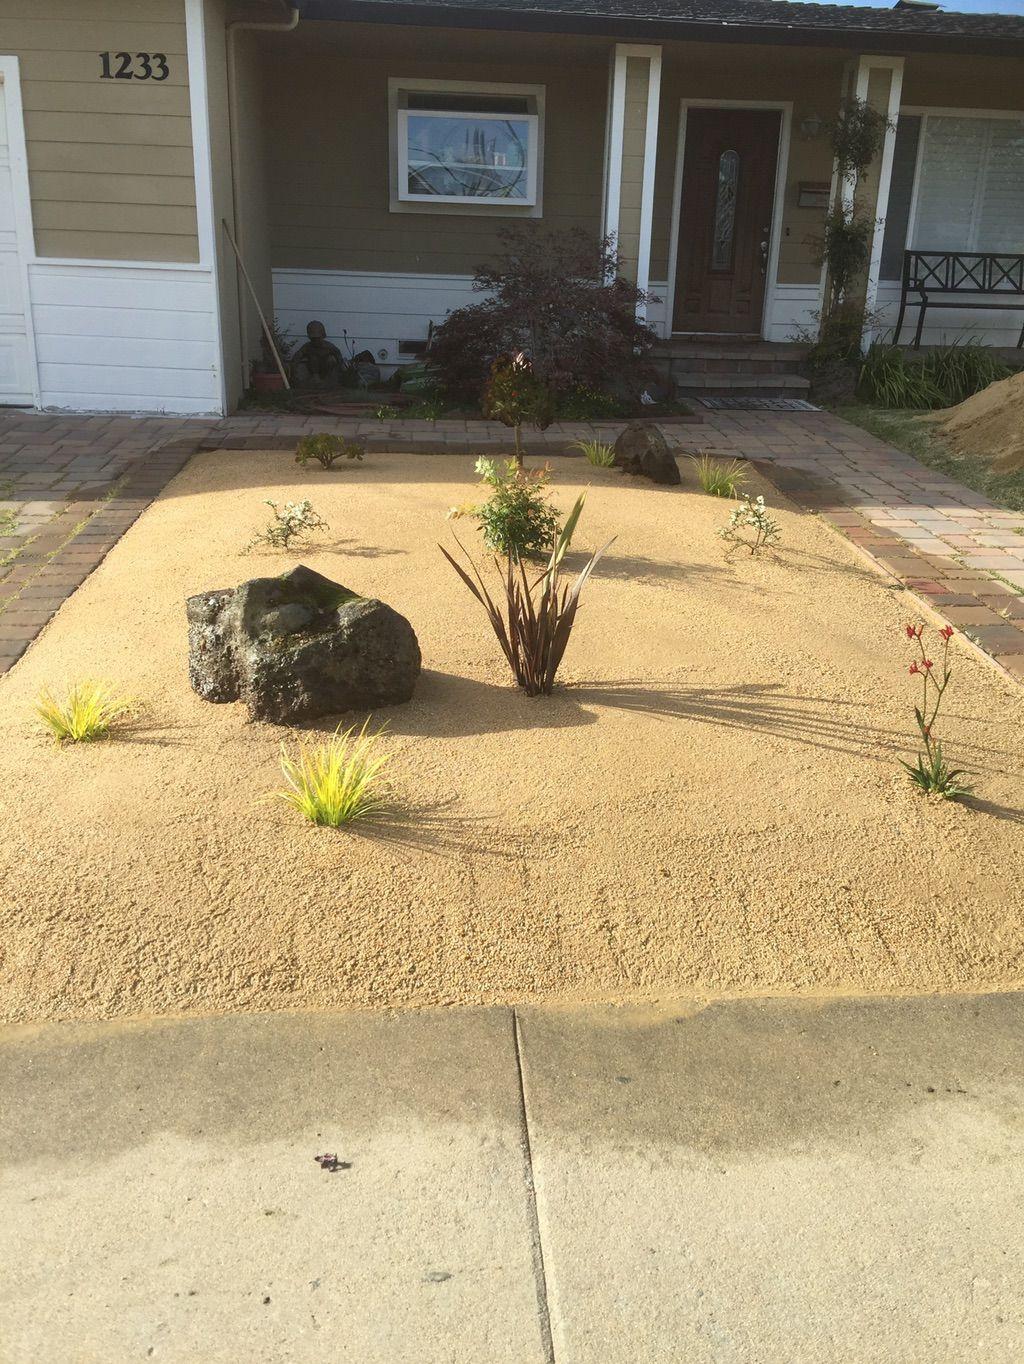 Planet Earth Garden service